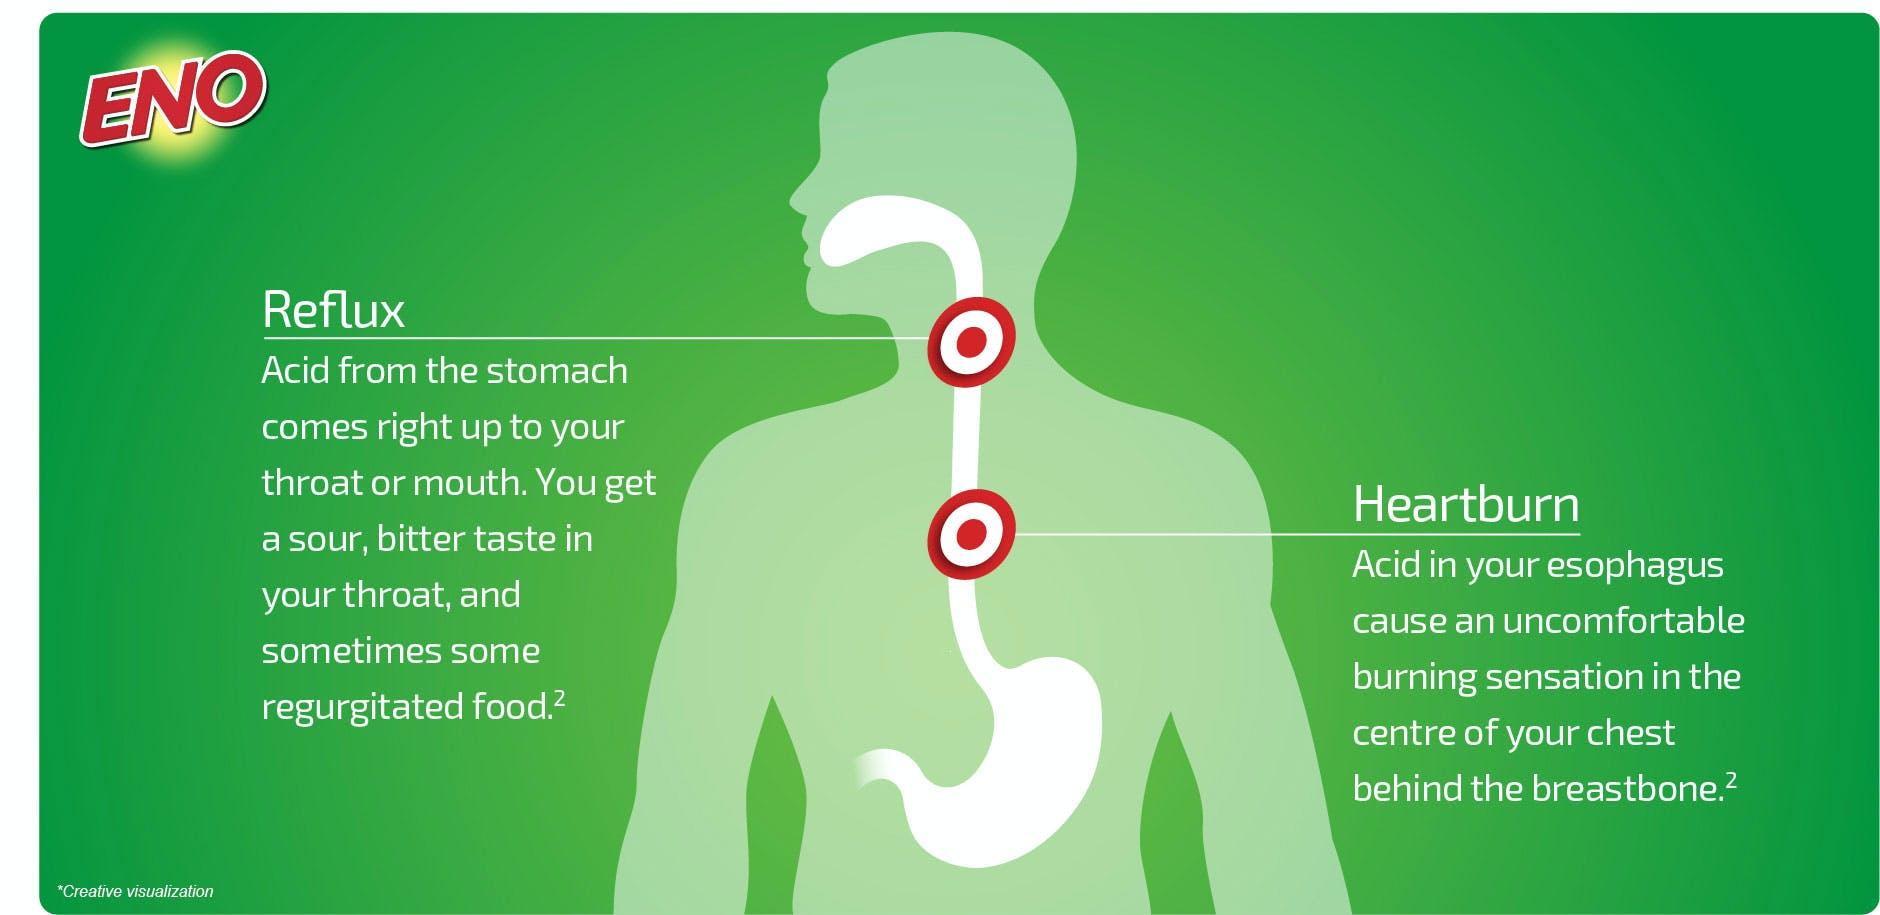 Diagram to describe reflux and heartburn